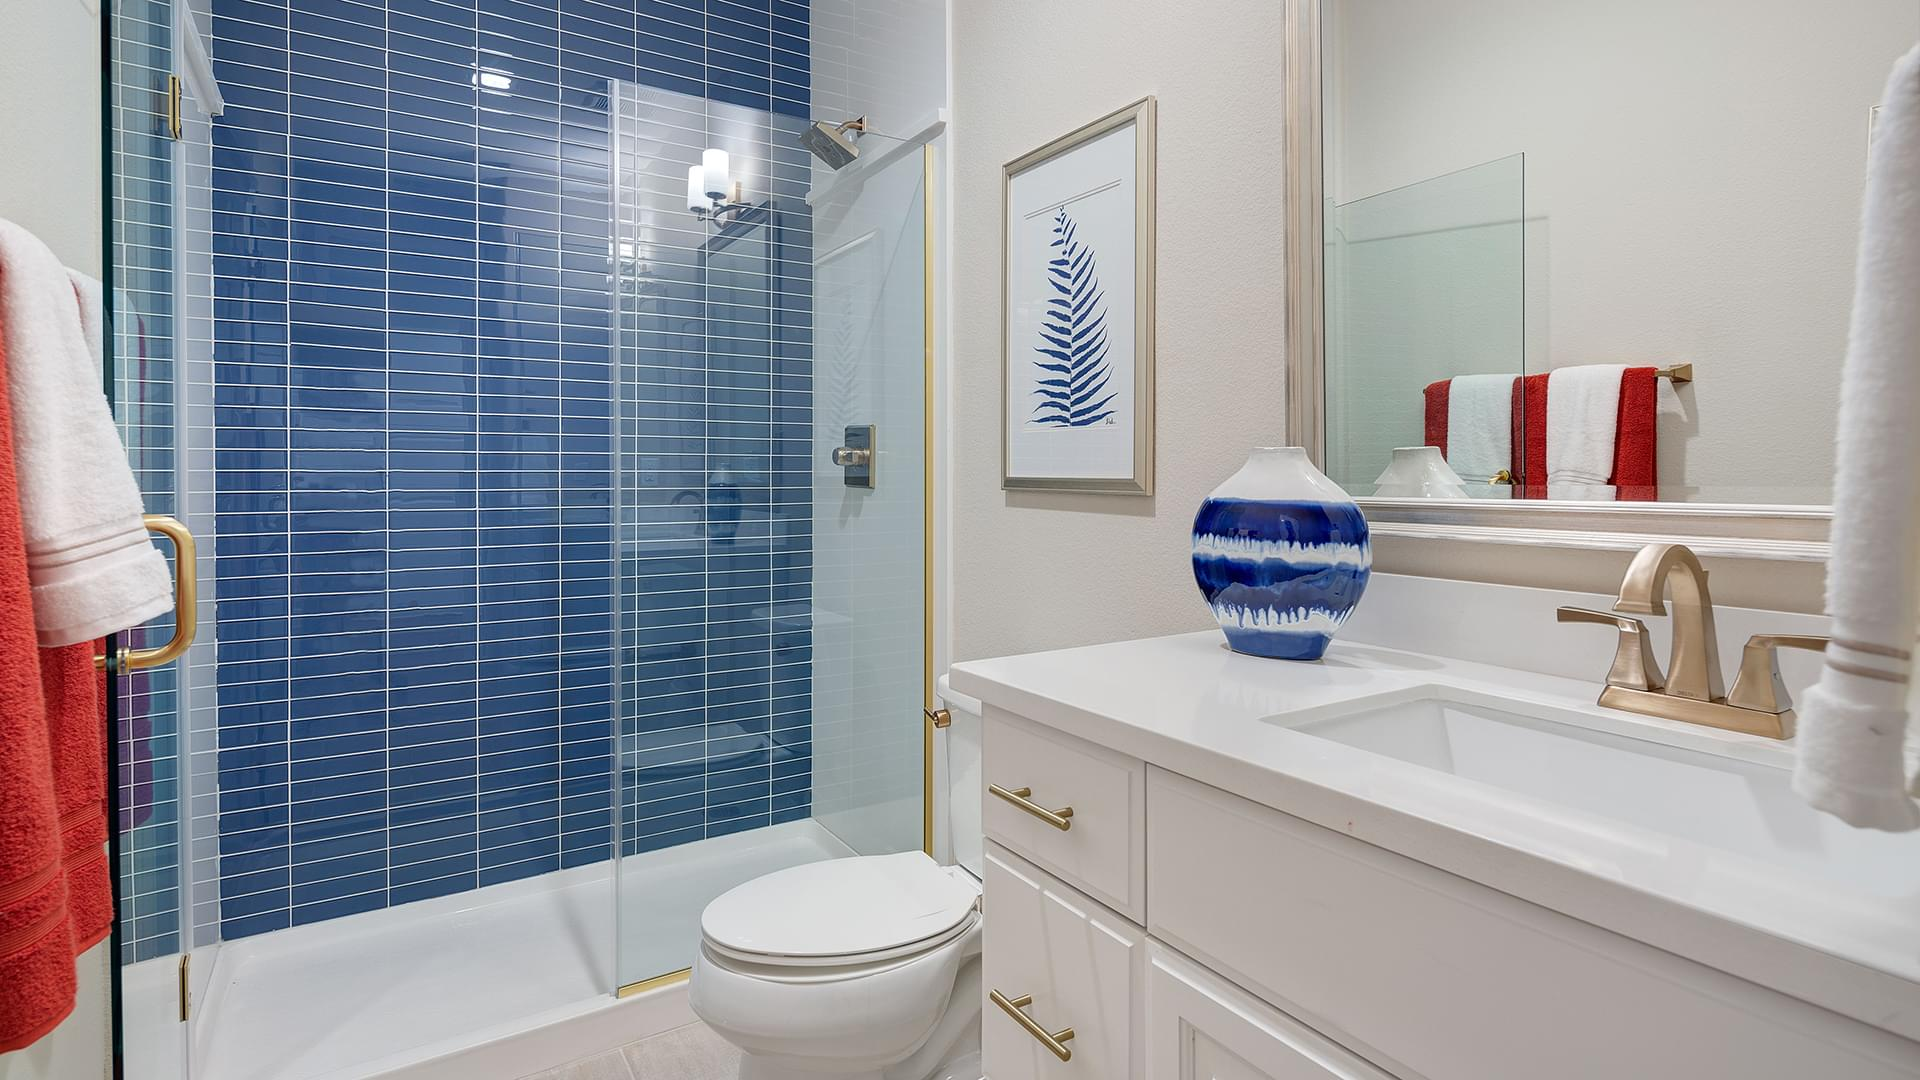 Residence 1A Bath 3